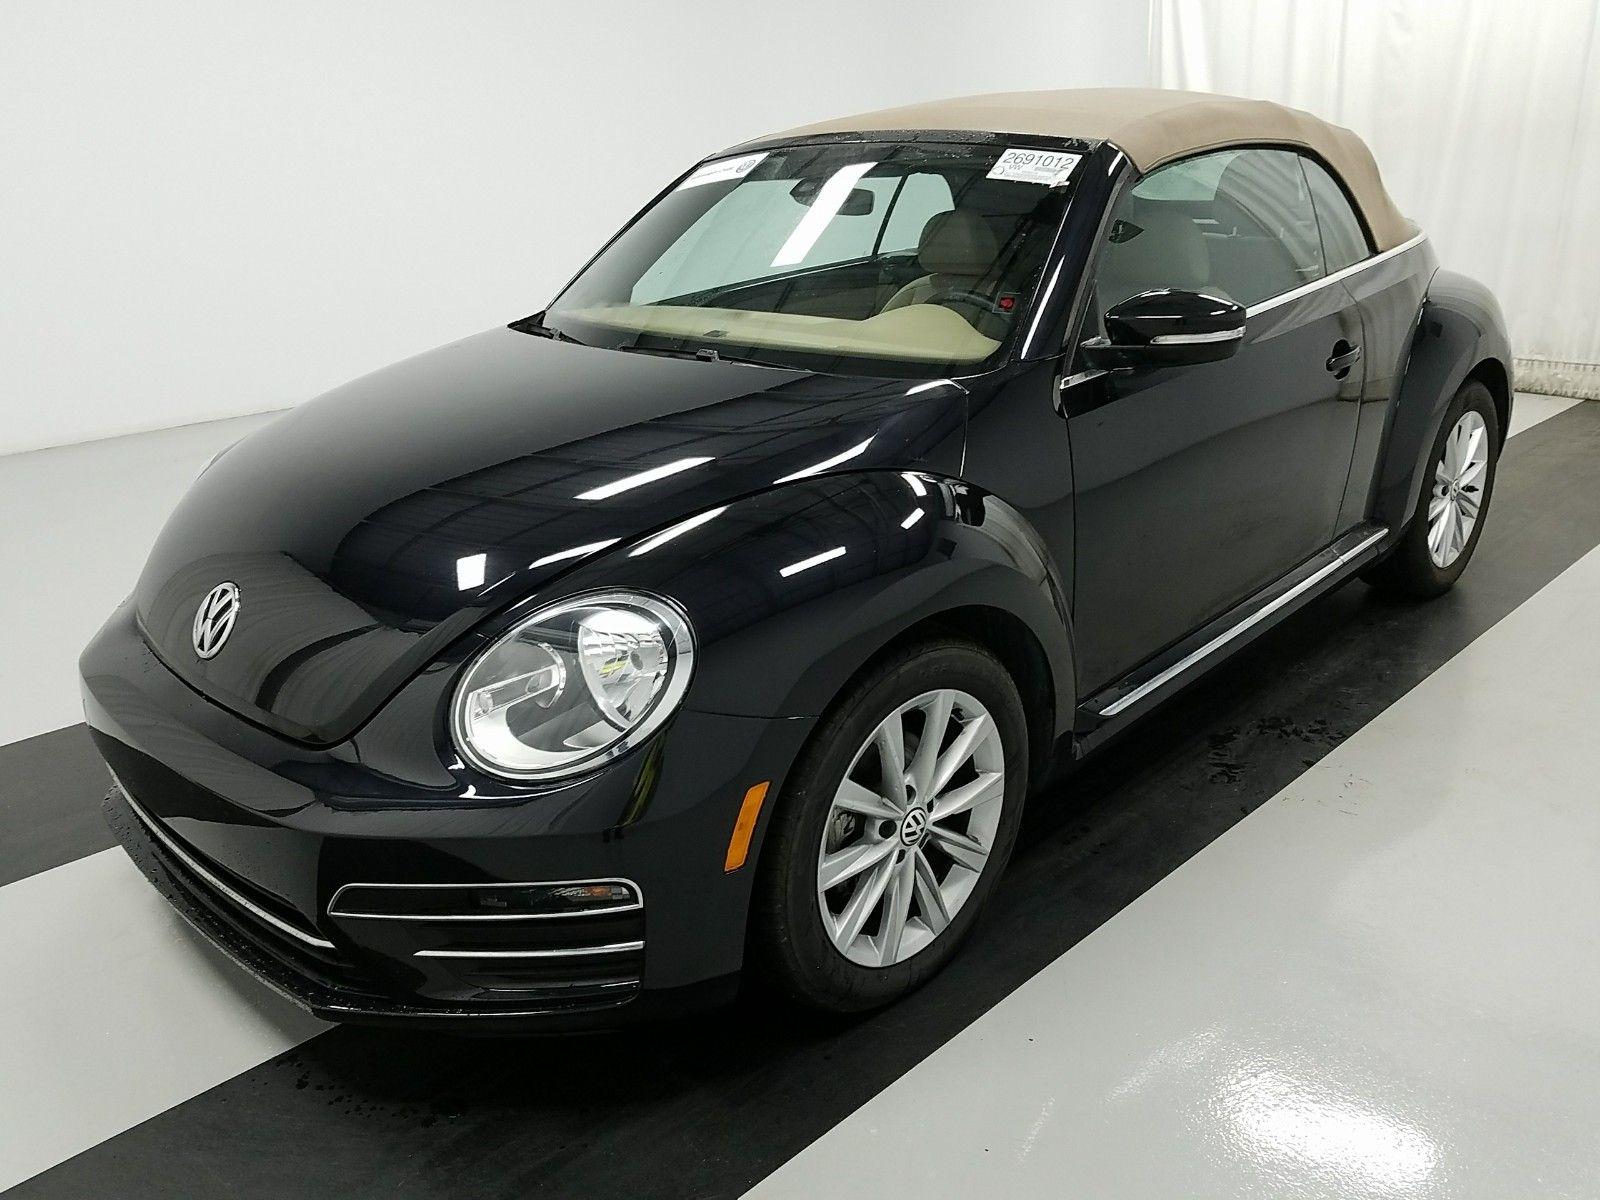 2017 Volkswagen Beetle 1.8. Lot 99914053810 Vin 3VW517AT4HM806126